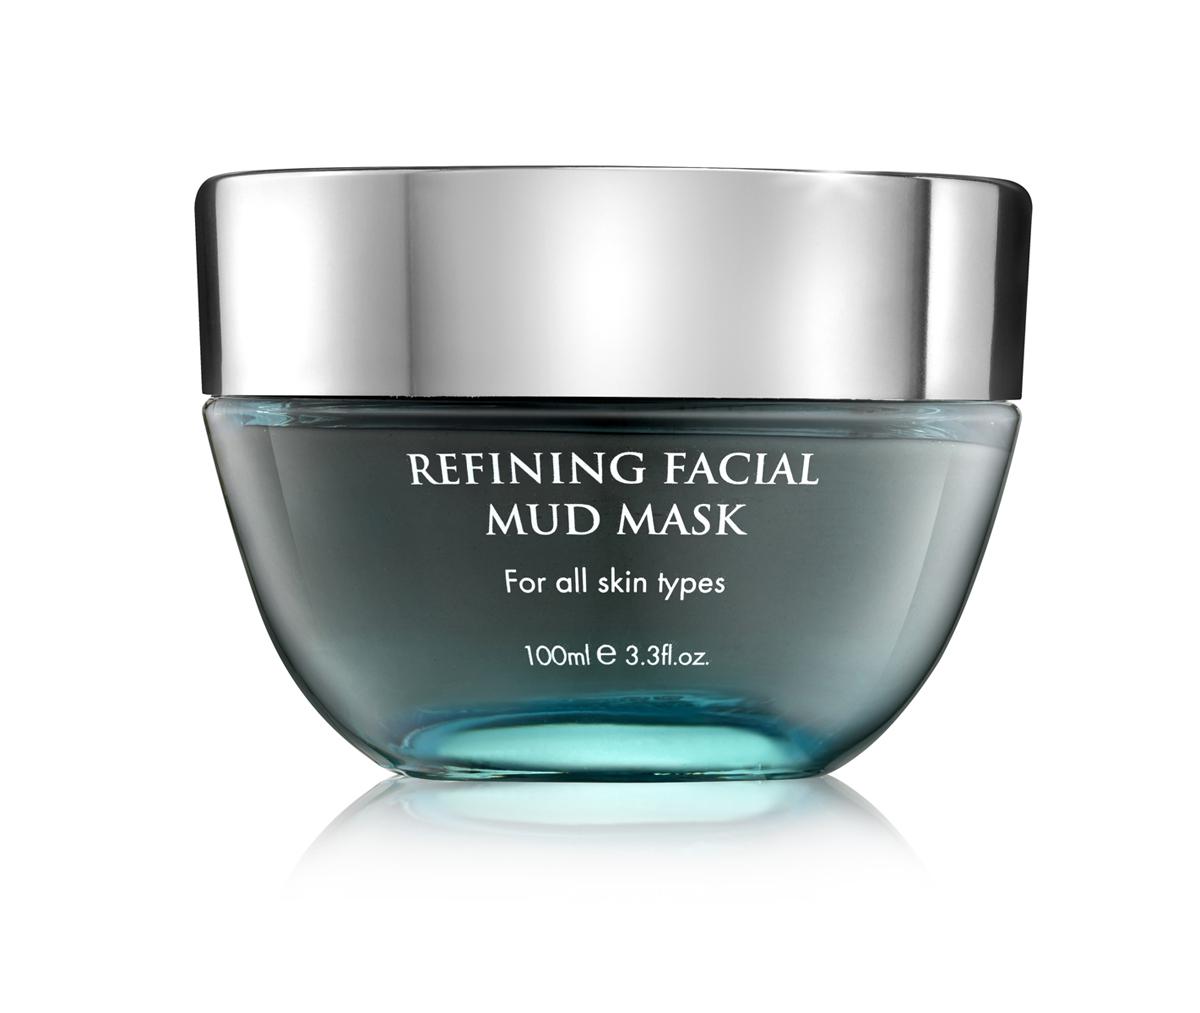 Aqua mineral Маска очищающая грязевая для лица 100 мл8392Богатый и тщательно сбалансированный состав этой очищающей грязевой маски позволяет выводить из кожи токсины, регулировать работу сальных желез и осветлять пигментные пятна. Маска освежает уставшую кожу, впитывает излишки себума, помогает защитить кожу, придавая ей удивительное ощущение эластичности и мягкости. Грязь Мертвого моря глубоко очищает поры от загрязнений и нормализует деятельность сальных желез. Масло жожоба питает кожу. Экстракт алоэ, масло сладкого миндаля, эвкалипта и мяты увлажняют, освежают и успокаивают кожу. Гипоаллергенна. Не содержит парабены.